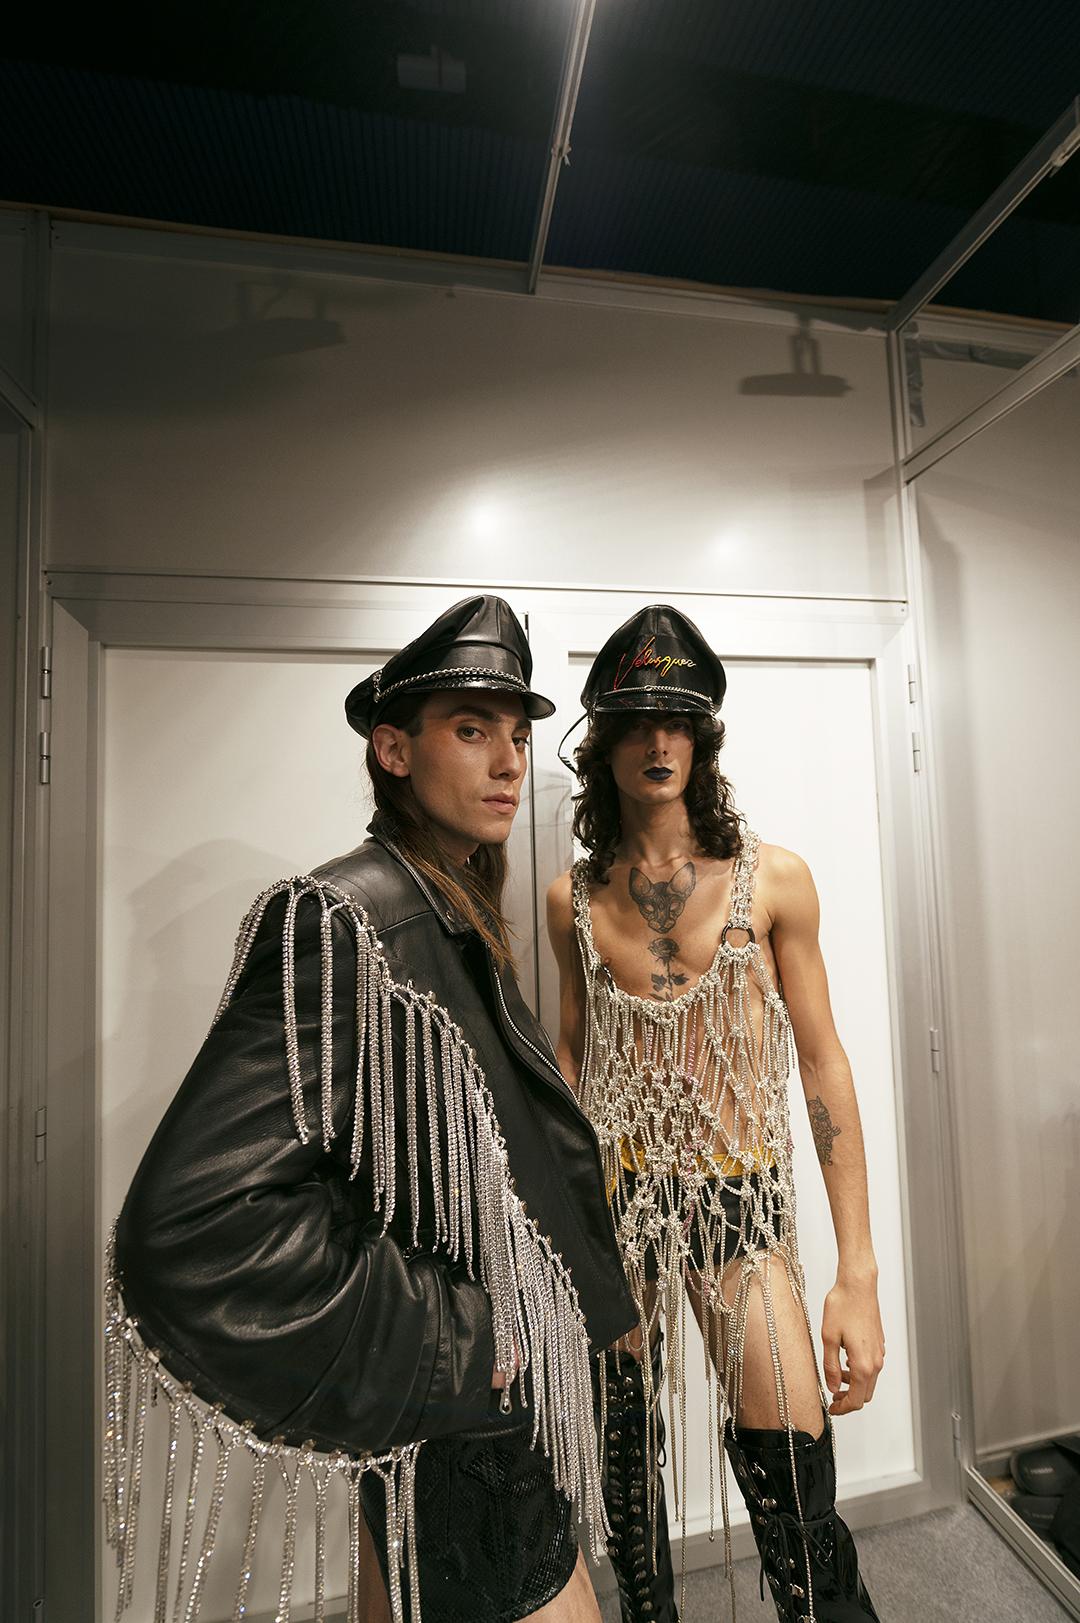 Aritz Kortabarria y Adrián Casani en el Backstage de Velásquez. Foto por Patricia Blas.